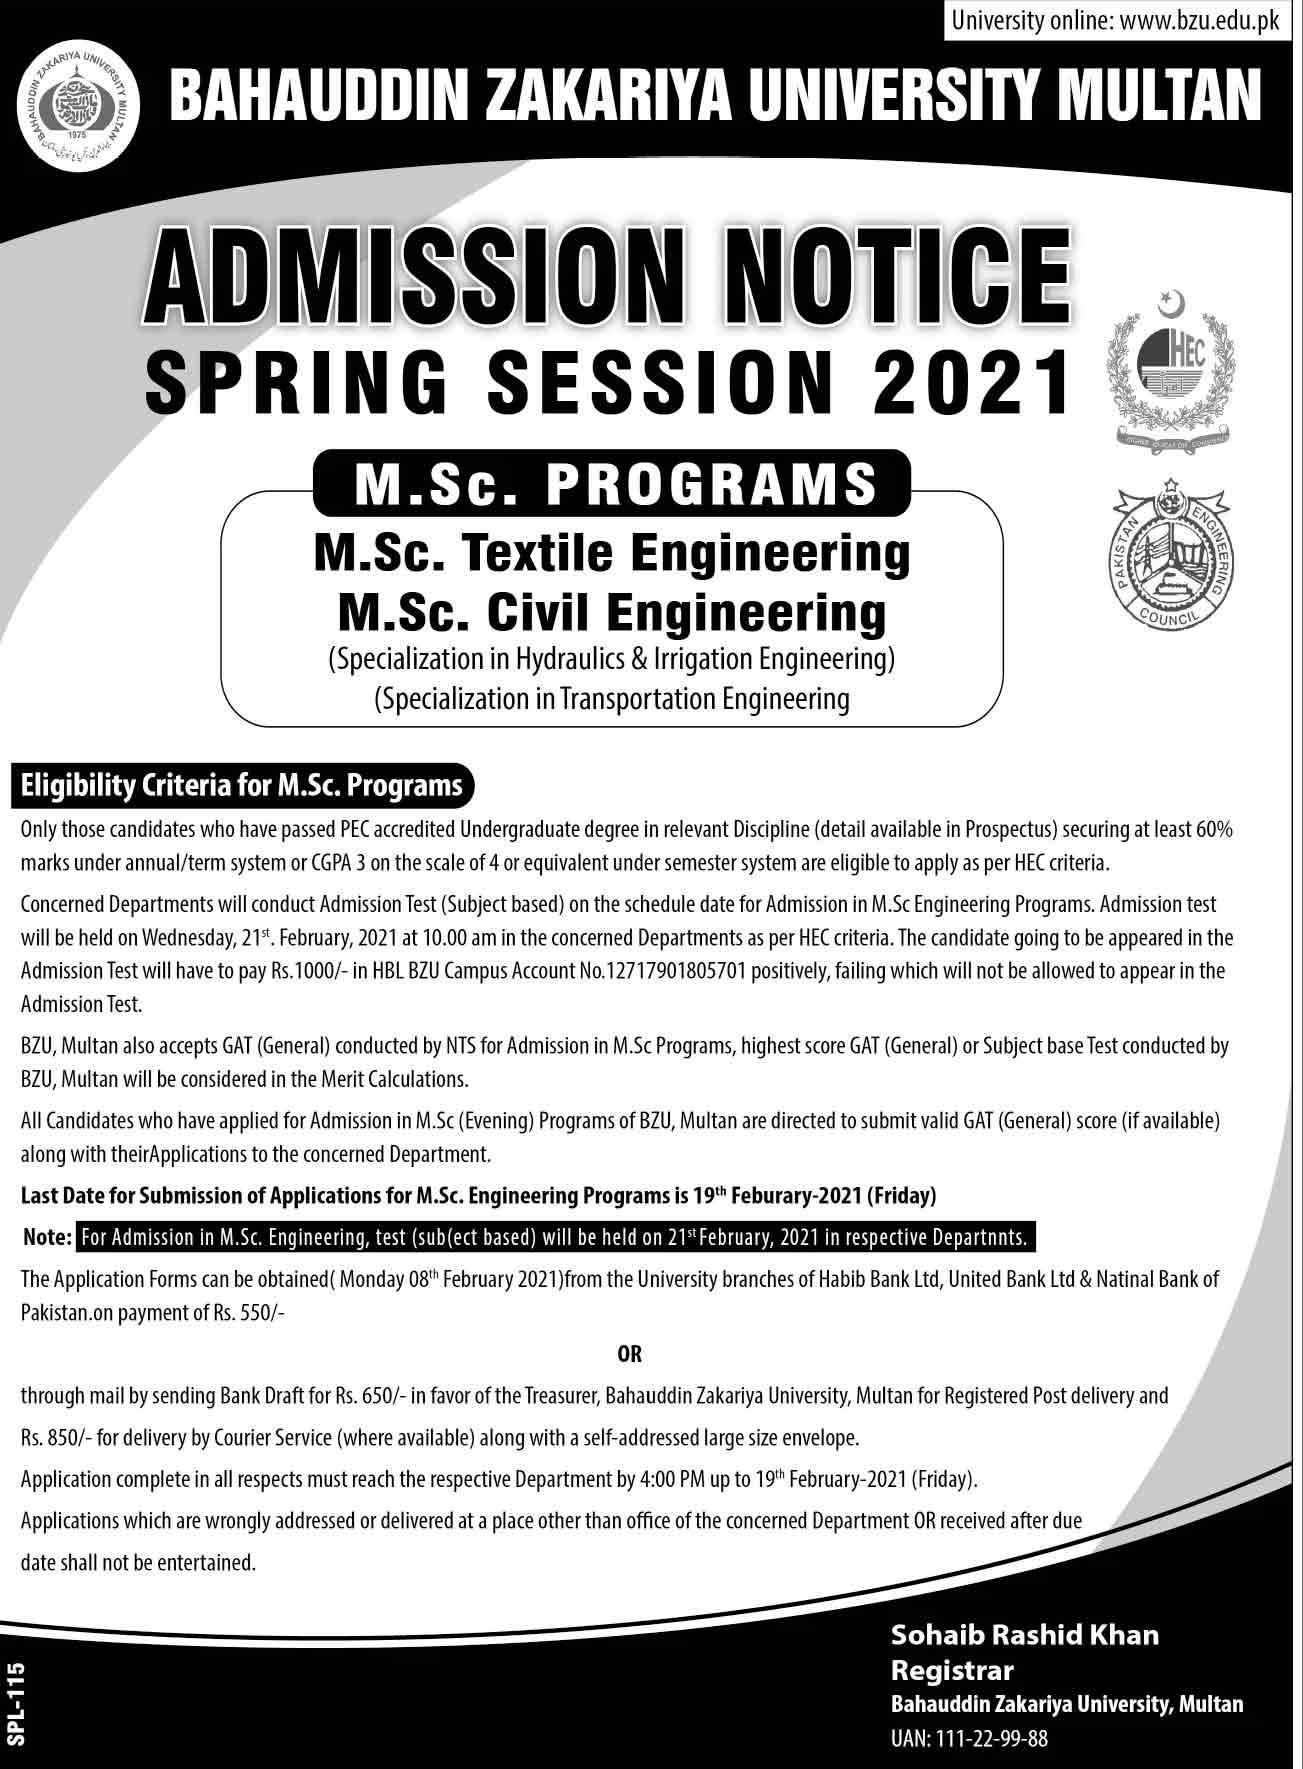 BZU-Multan-MA-MSC-Admission-2021